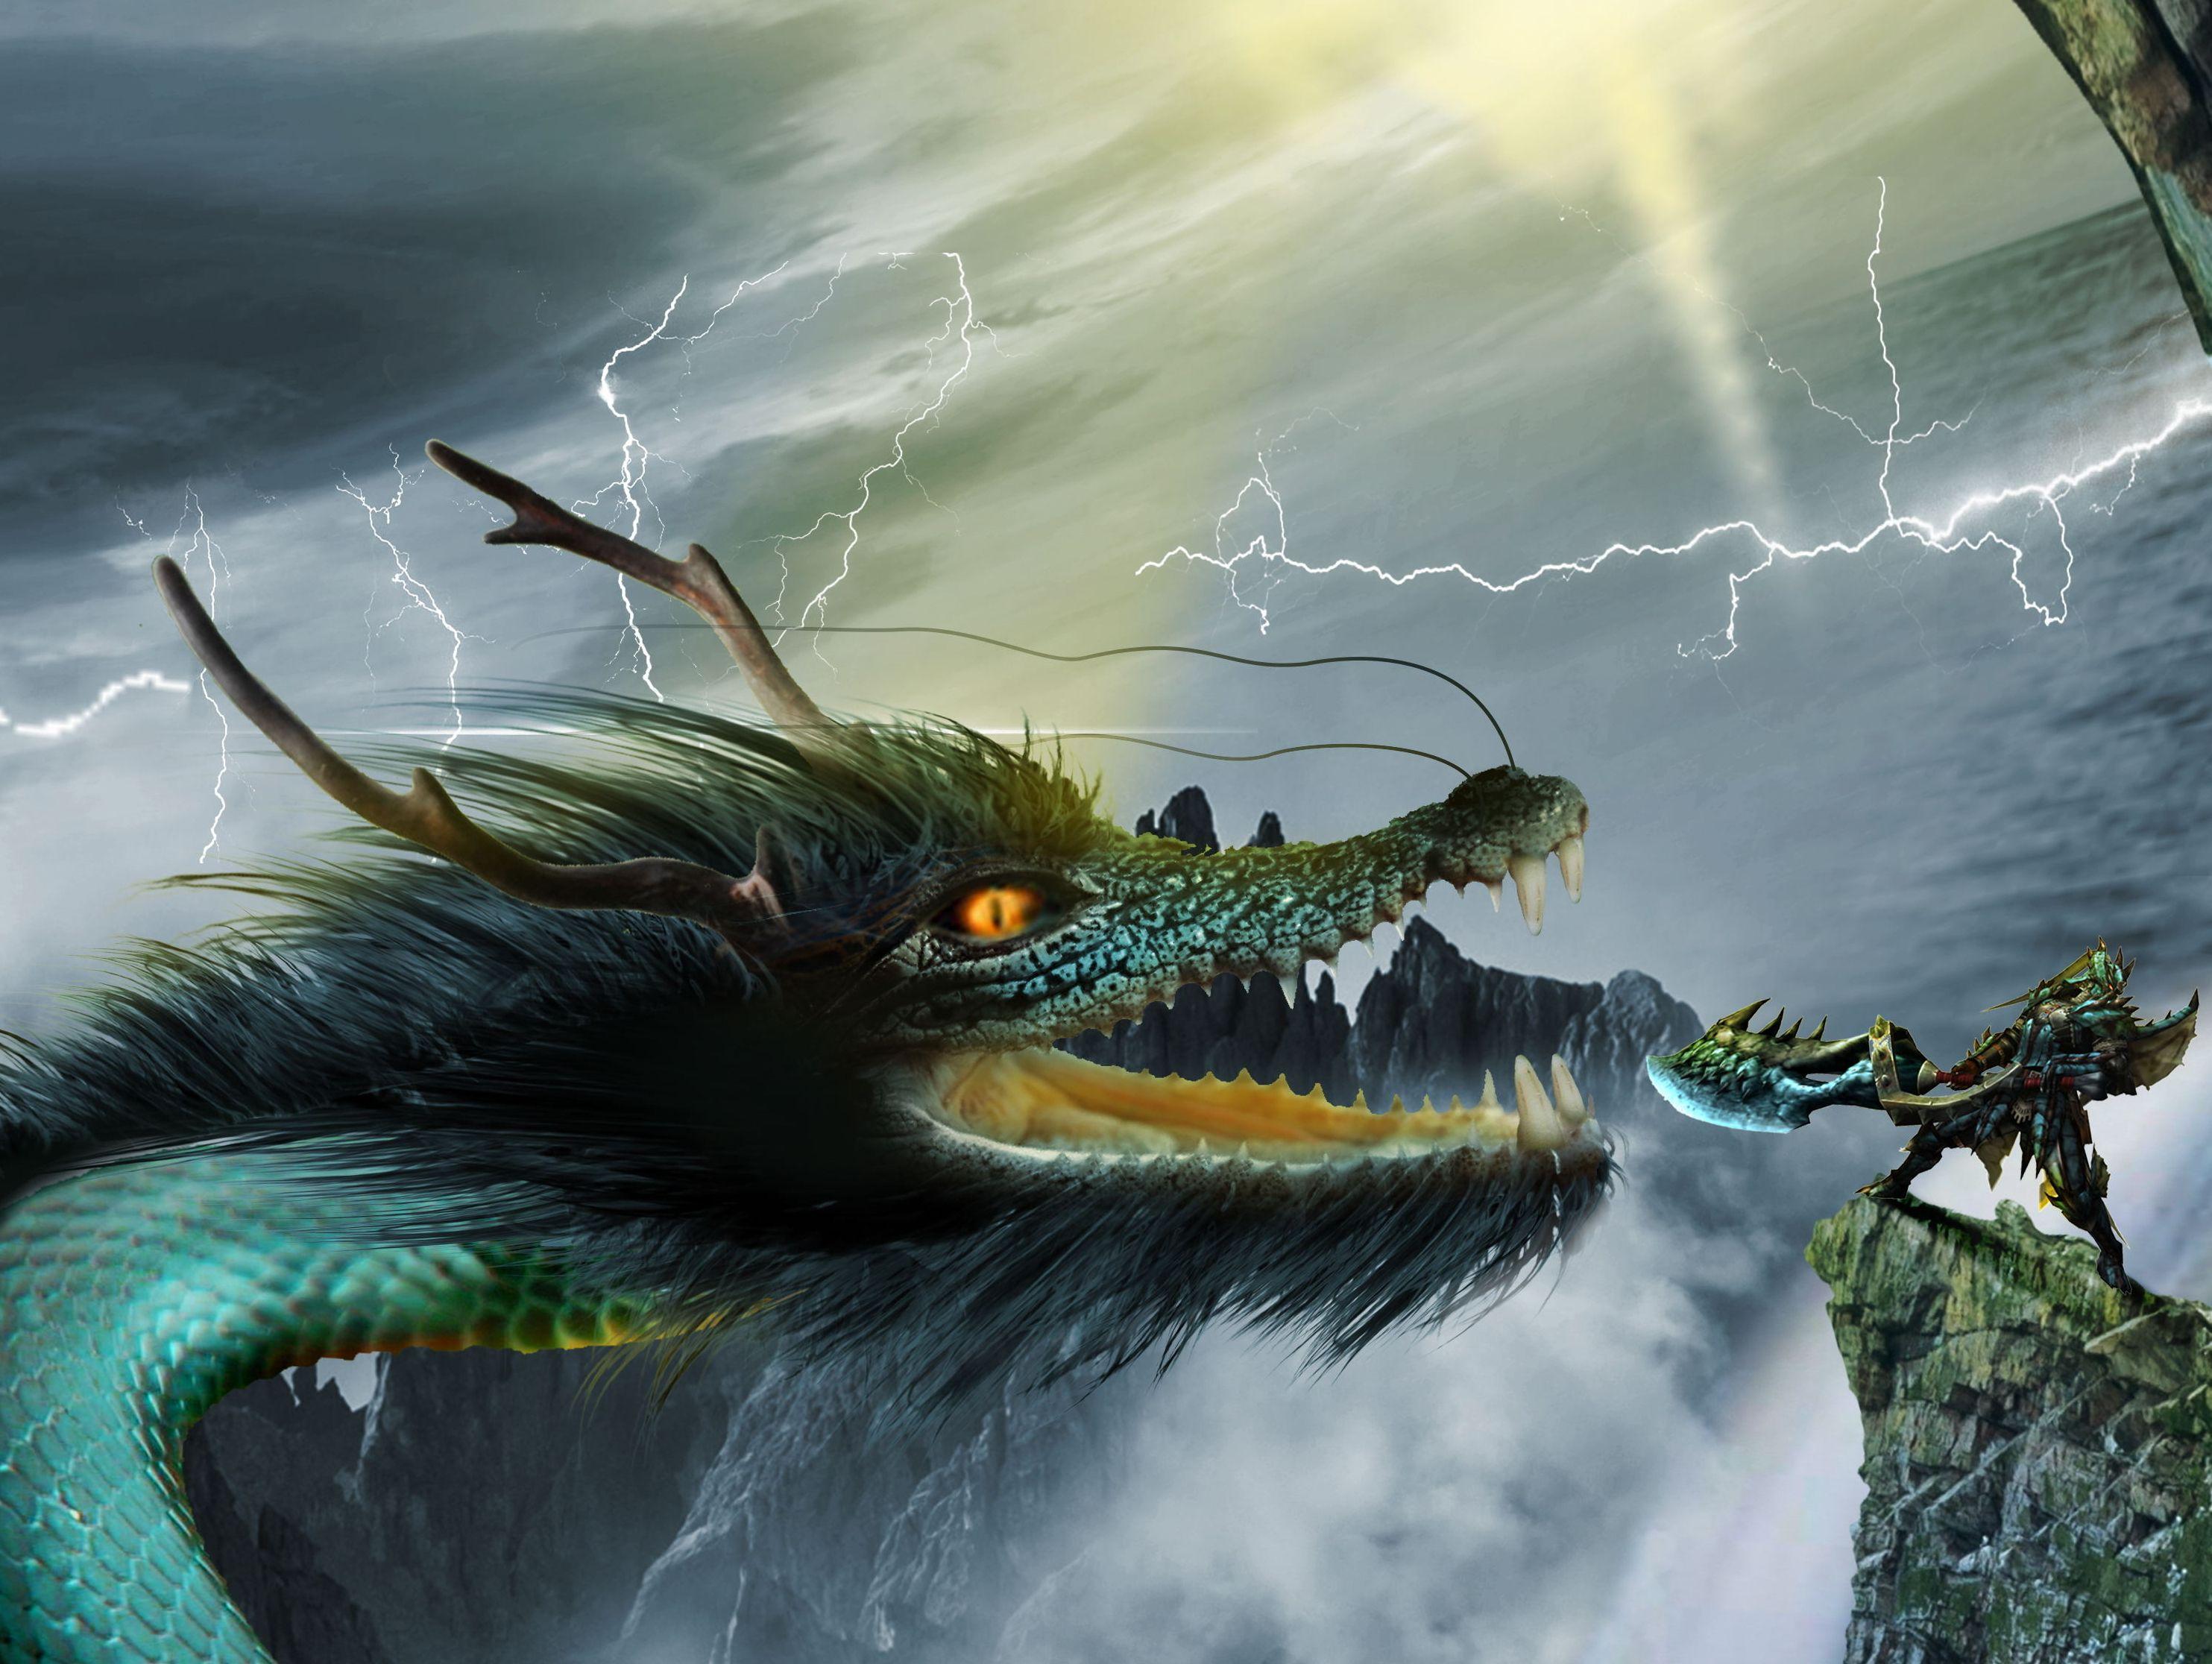 在这片龙之大陆上巨龙凌驾于诸天并且能够霸凌天下它们对人族掌有